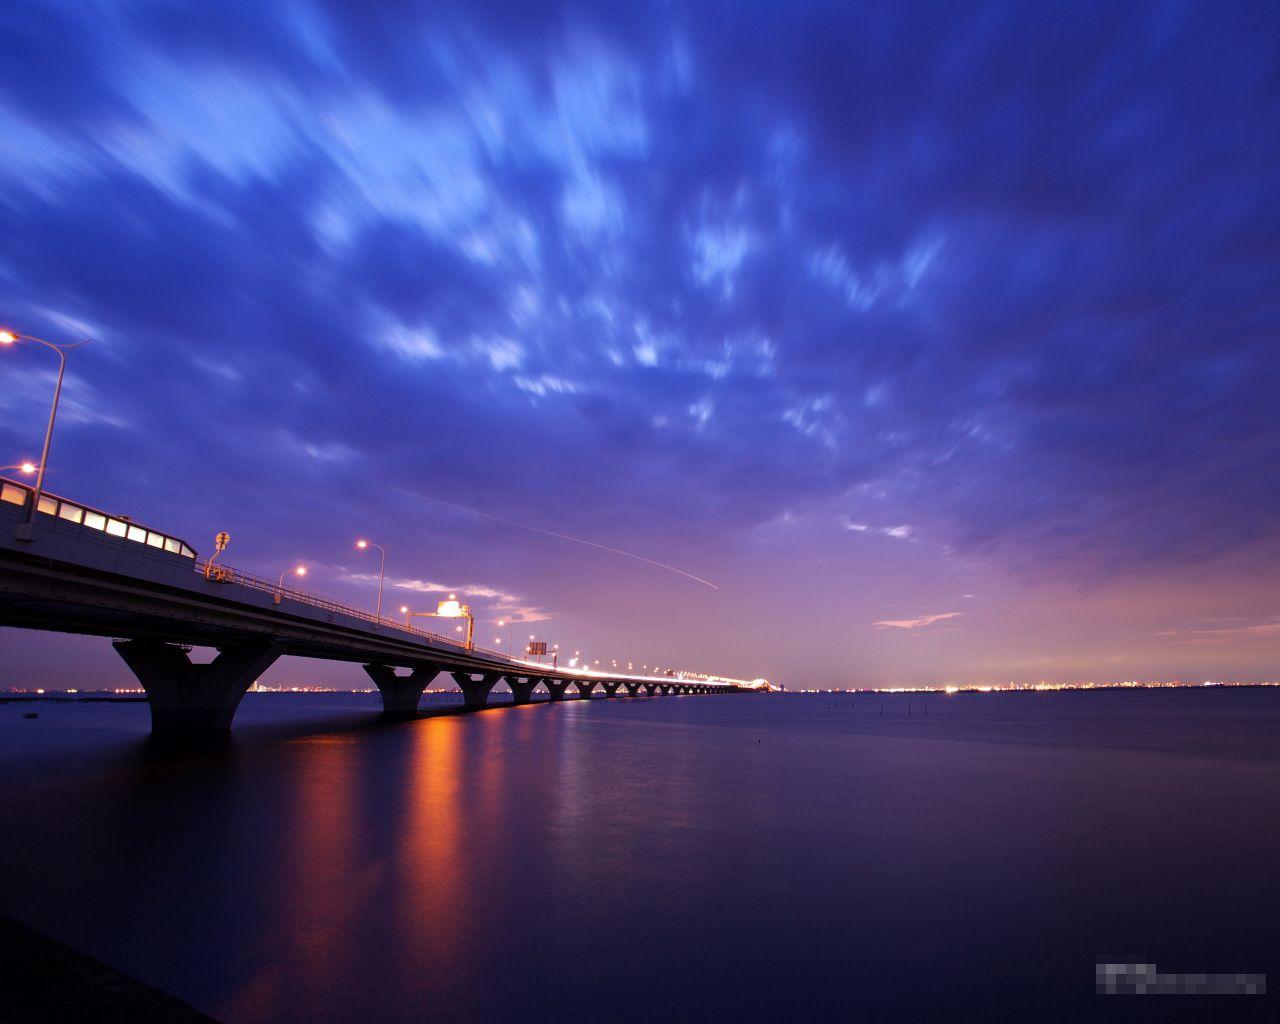 Bridge photos hd wallpapers skyline desktop wallpapers - Bridge wallpaper hd ...